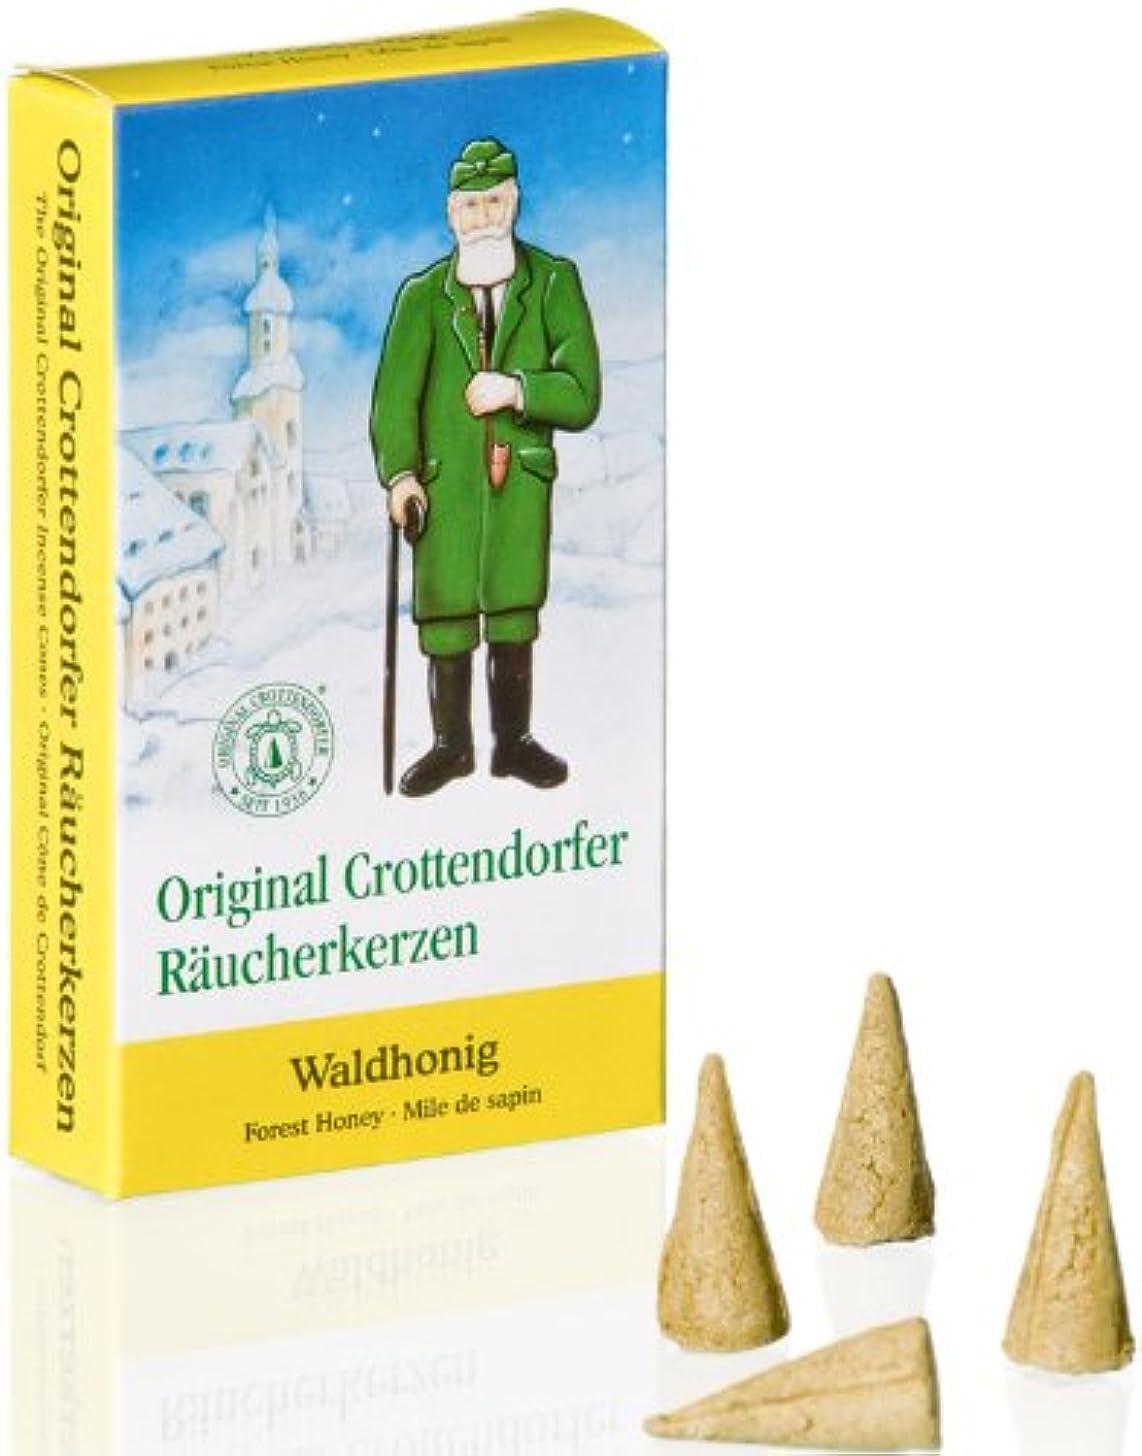 代数的資格情報鬼ごっこ臭いの Crottendorfer の森林蜂蜜 24 St. の発煙筒新しい 14994 を煙らす発煙筒